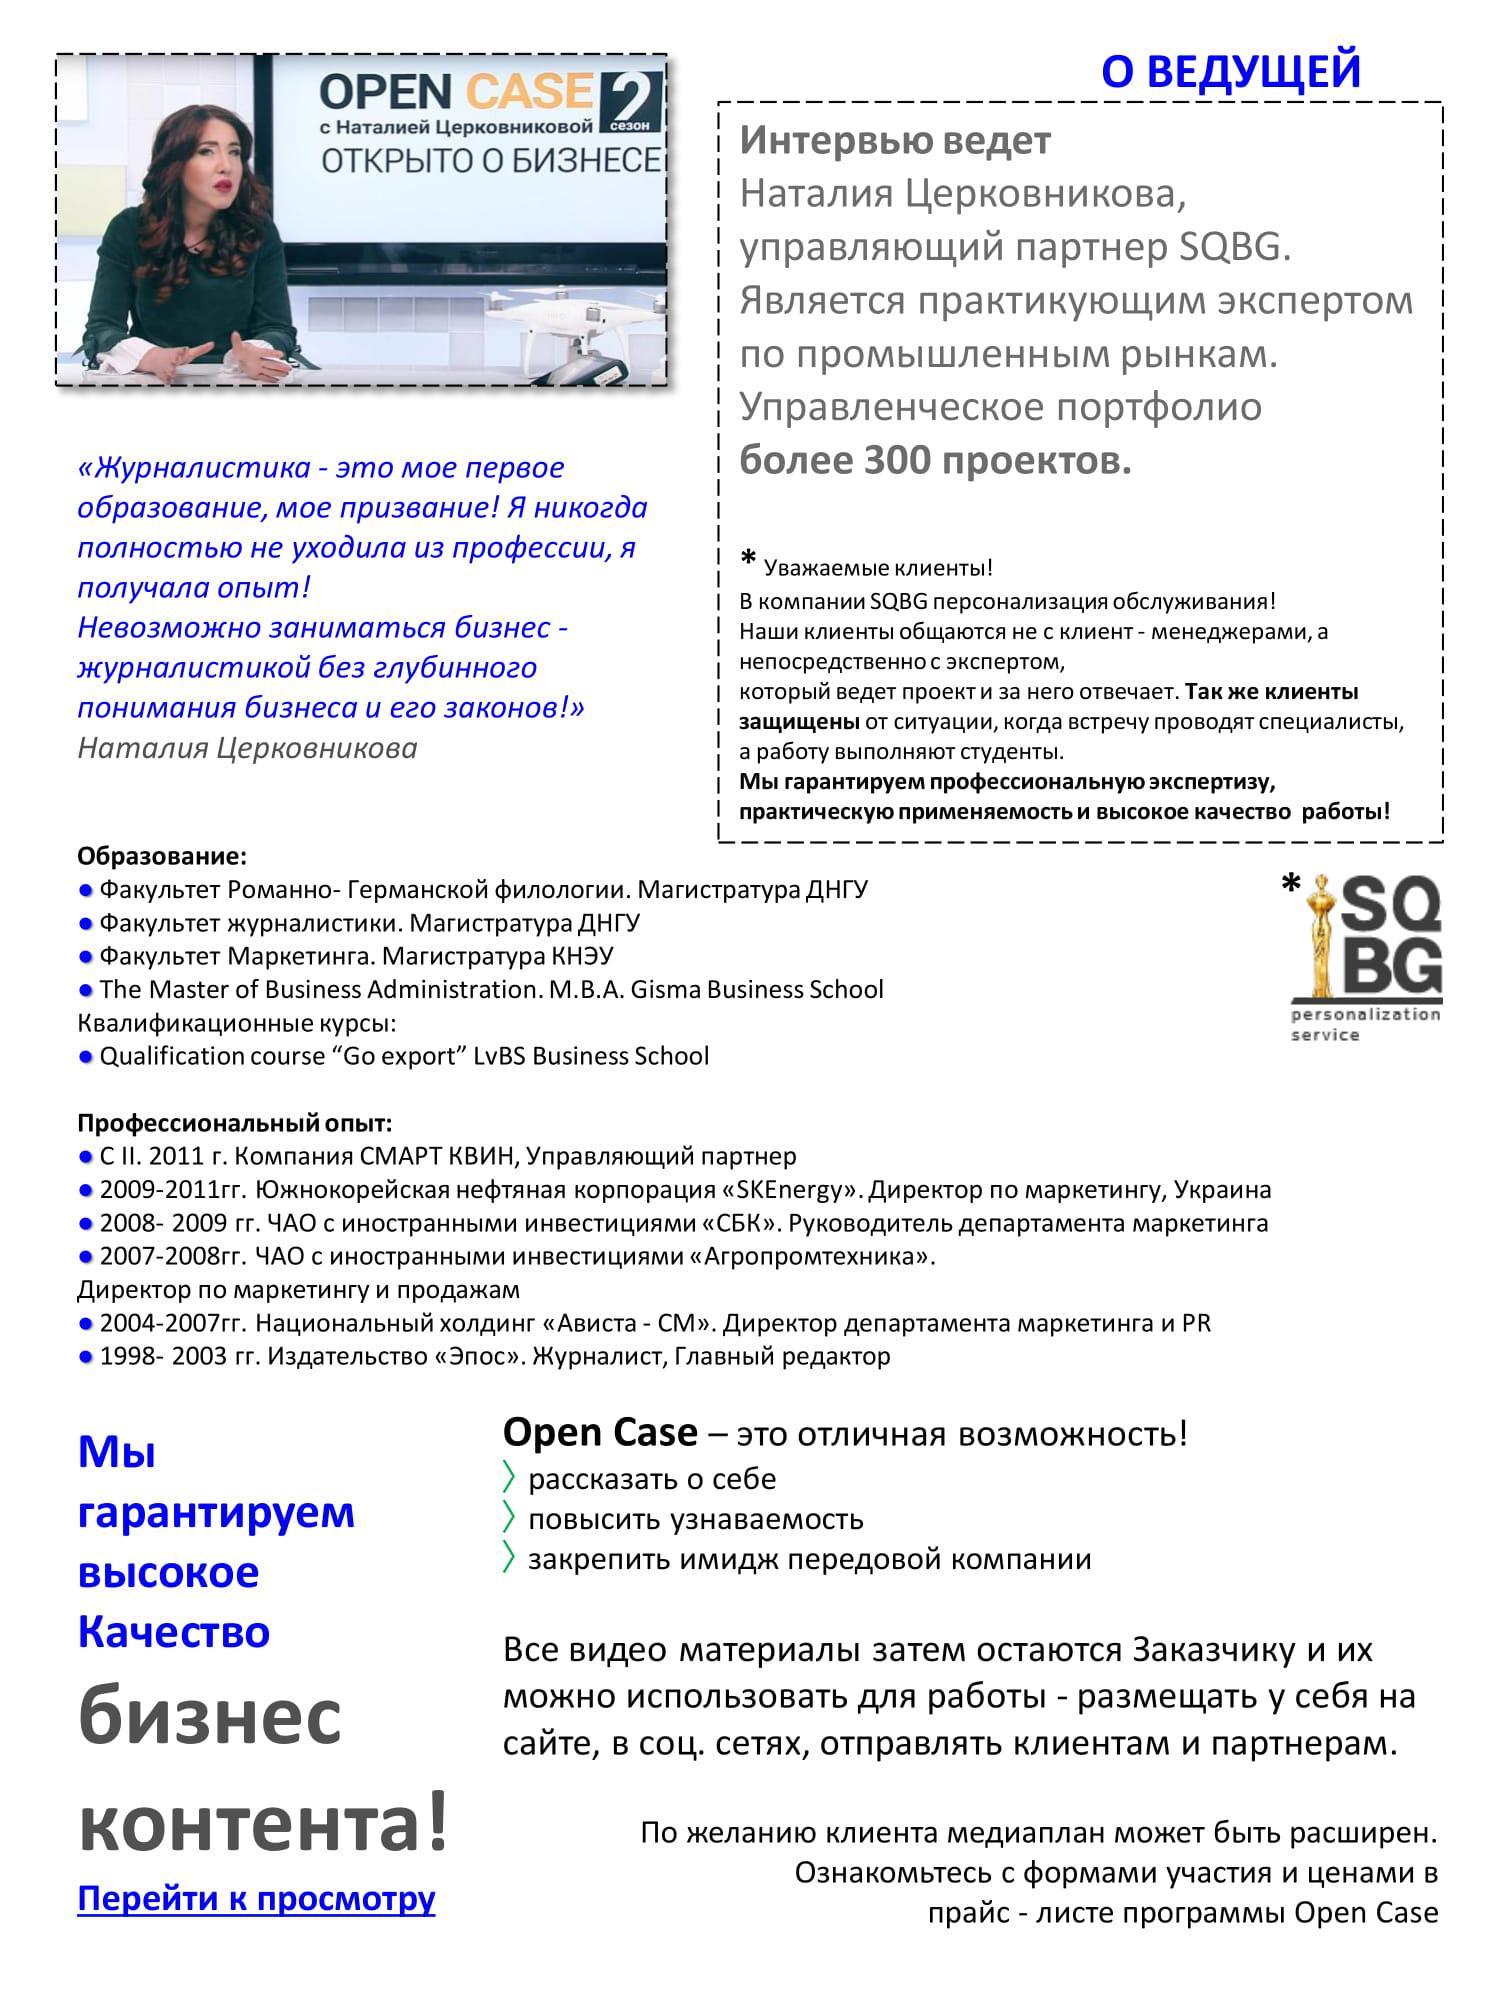 ОПЕН КЕЙС 5 СЕЗОН + Деловой-3